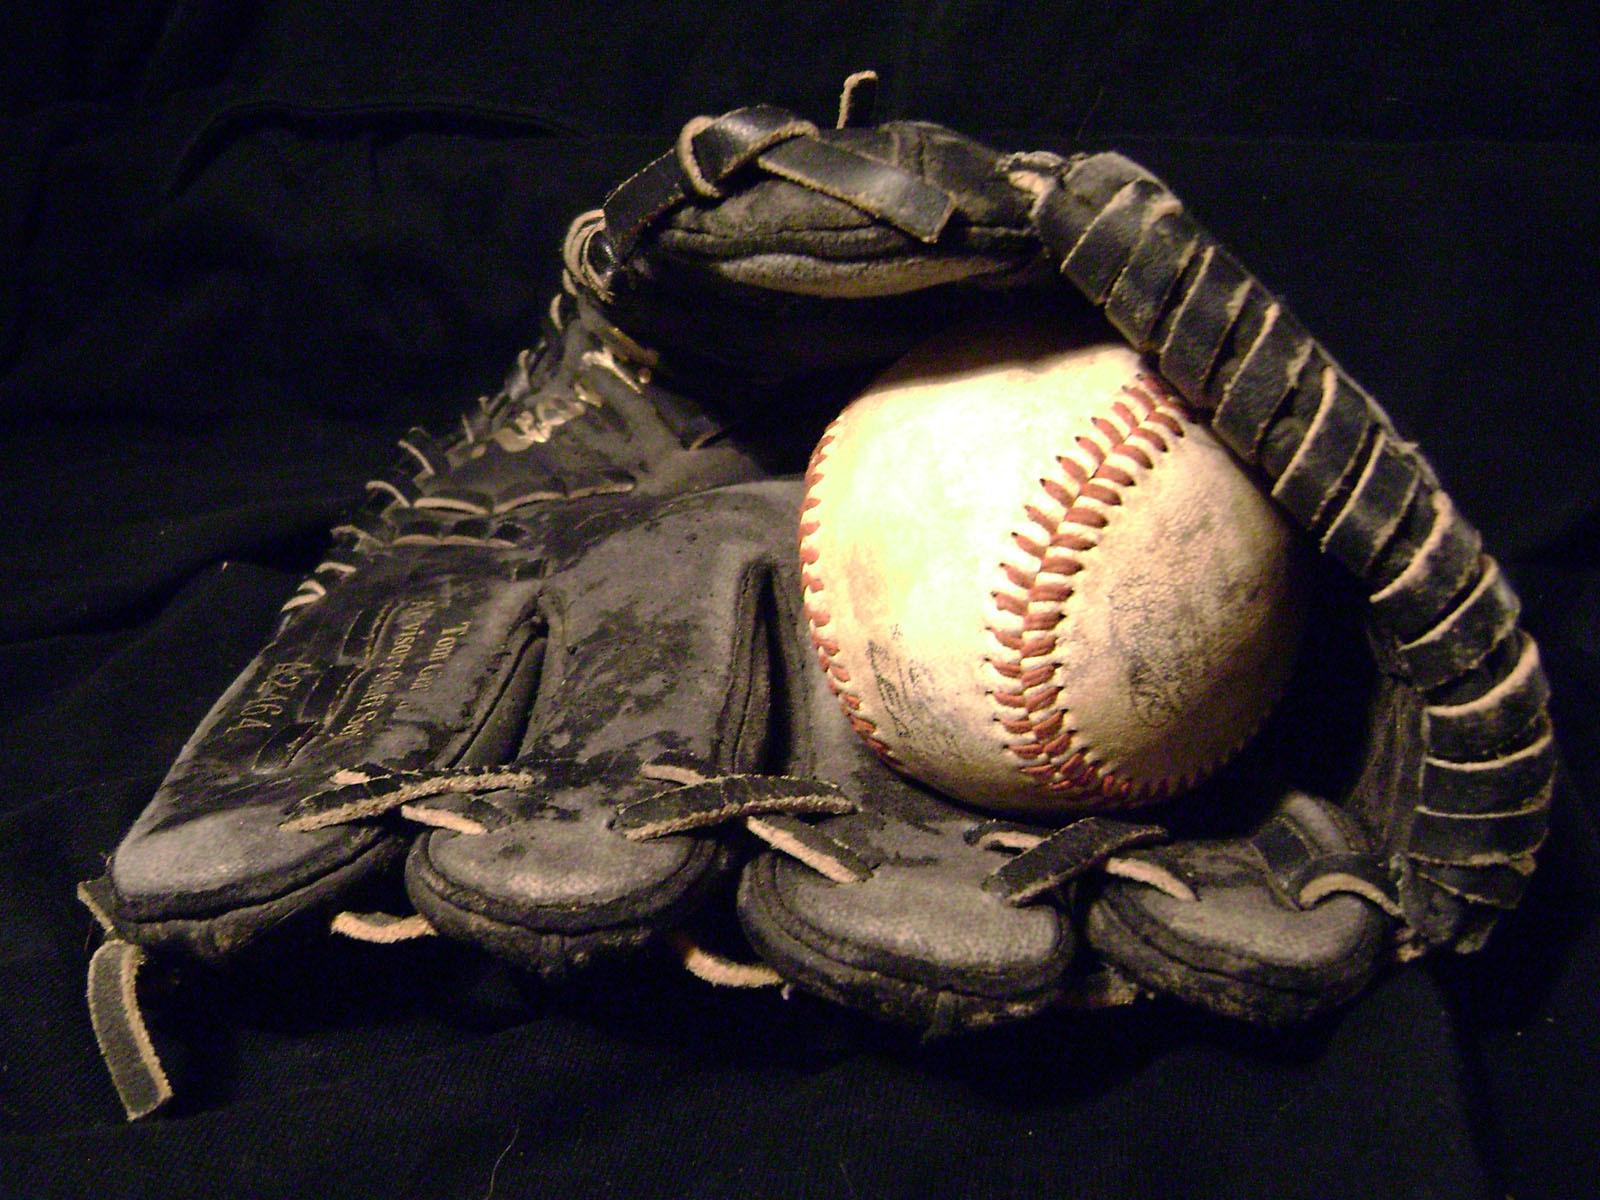 b238d5a3b8b92dc70dcb_baseball_glove.jpg